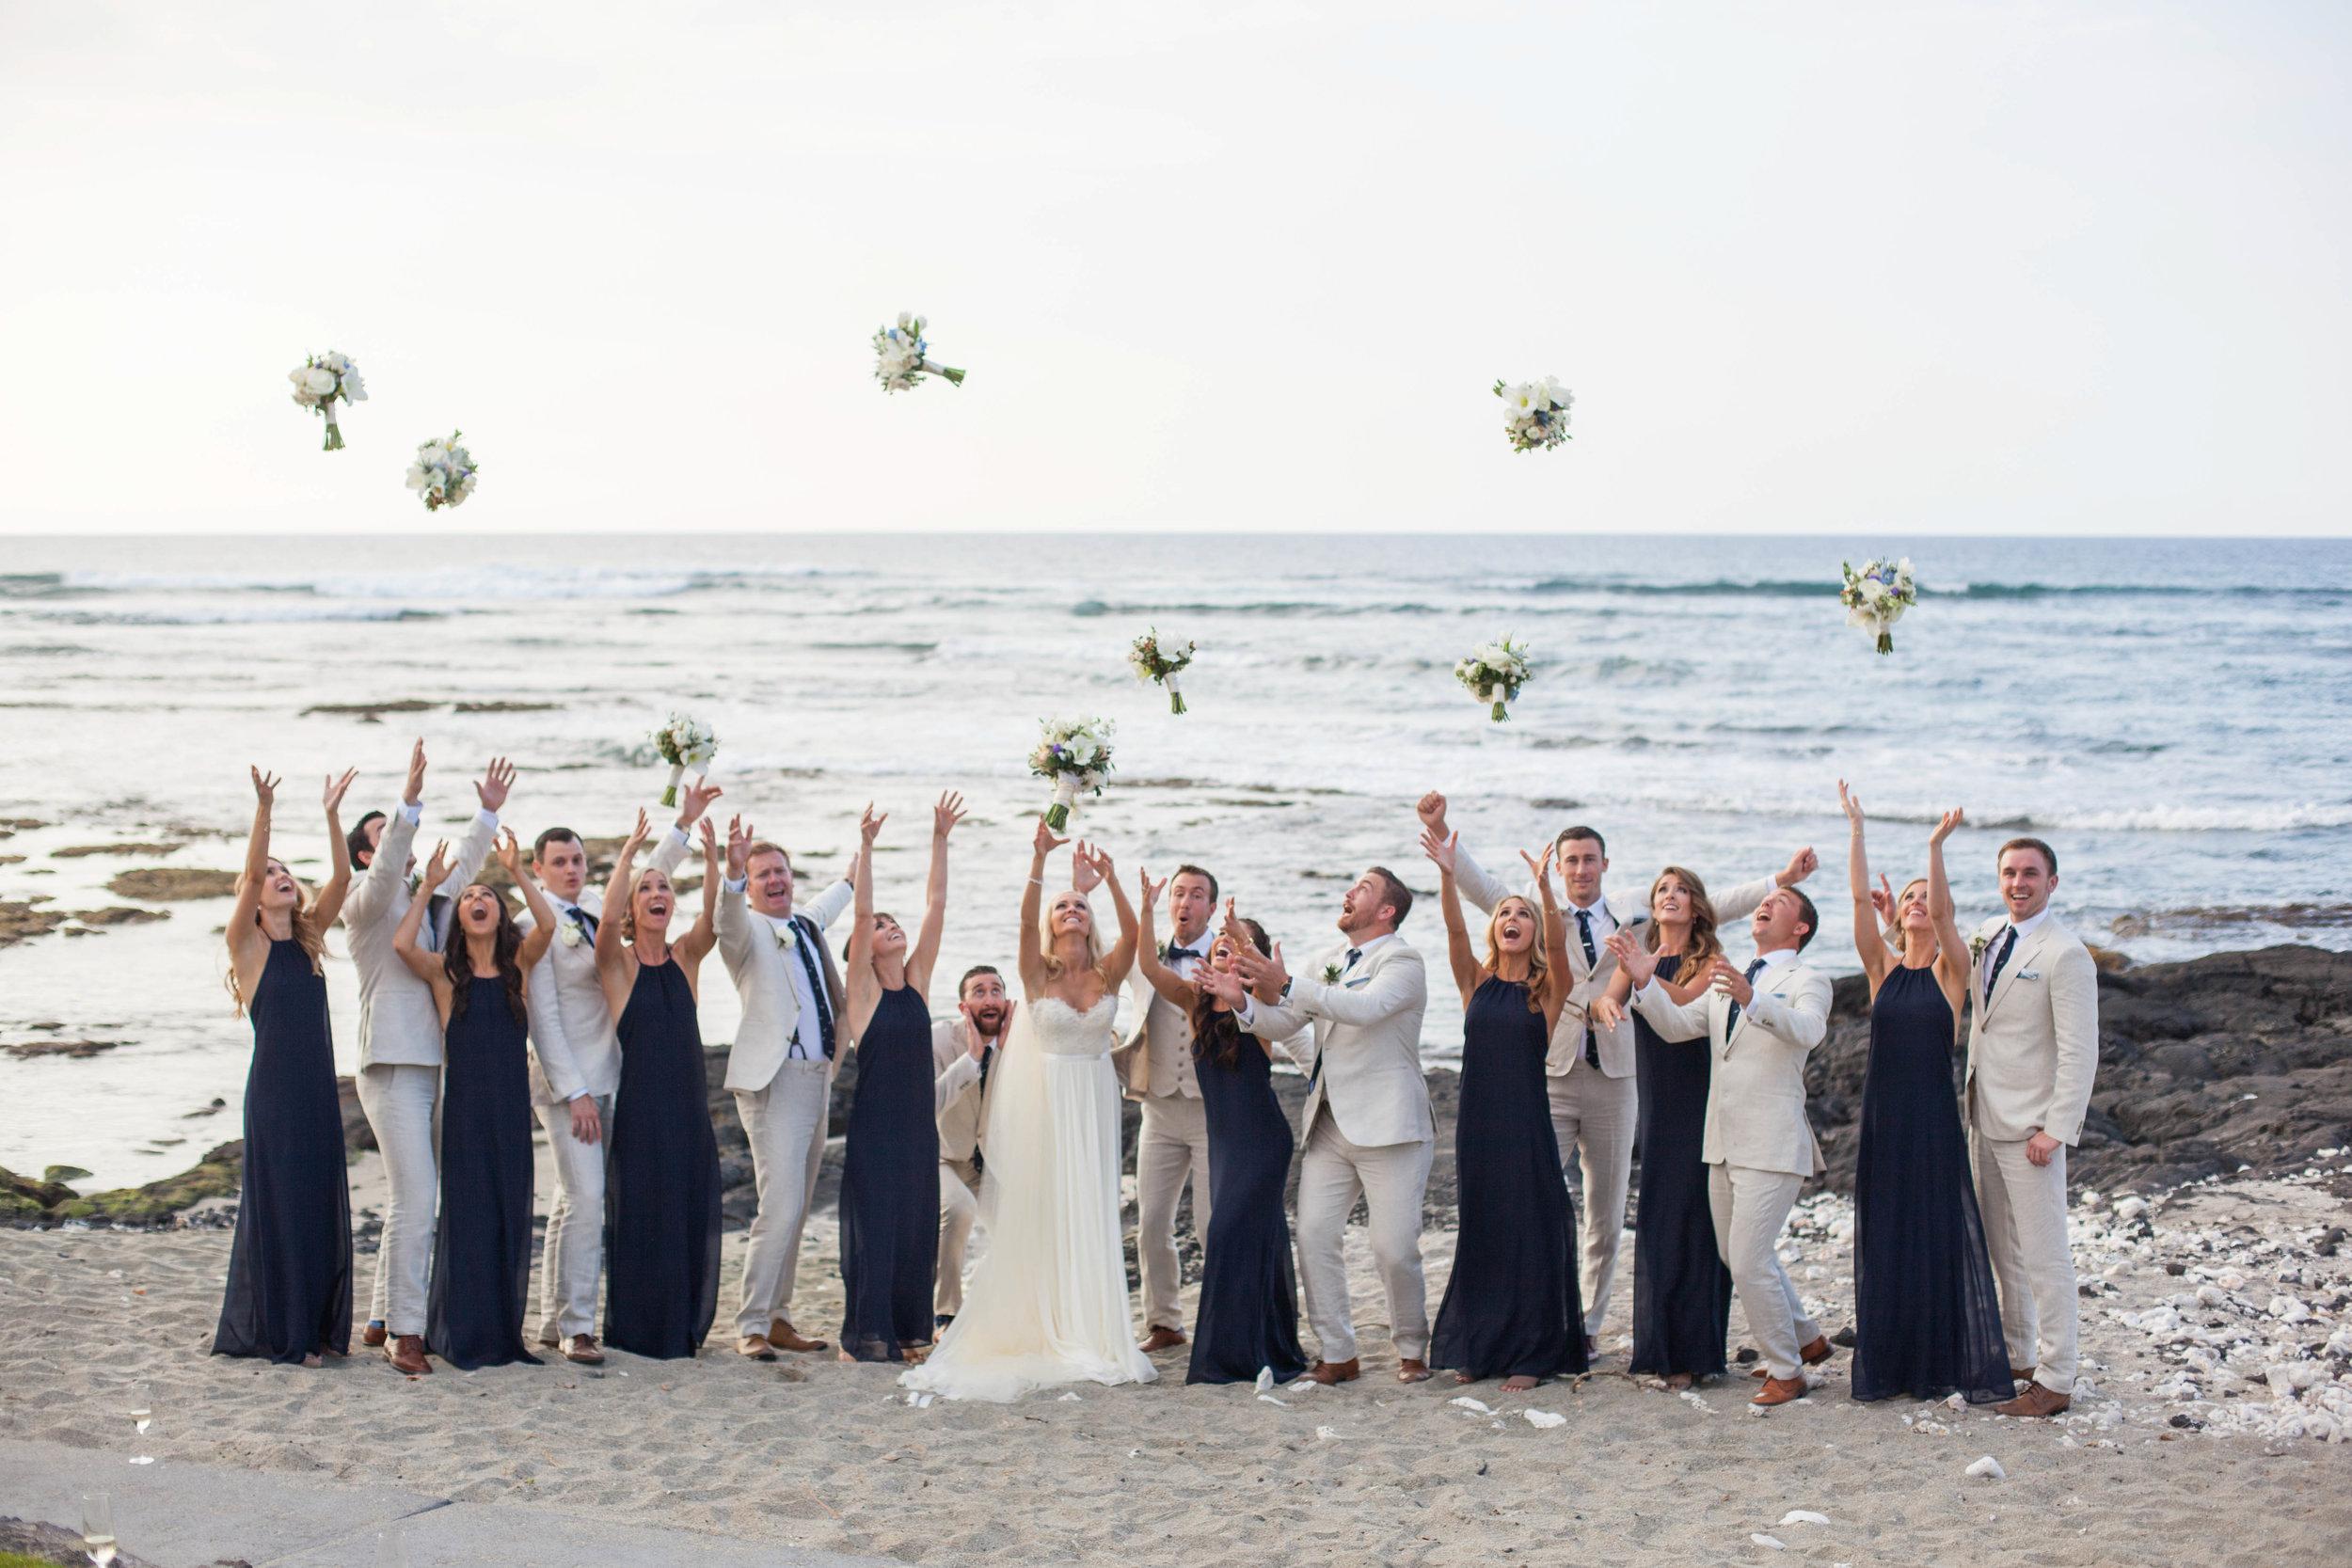 big island hawaii mauna lani resort wedding © kelilina photography 20160131165408-1.jpg